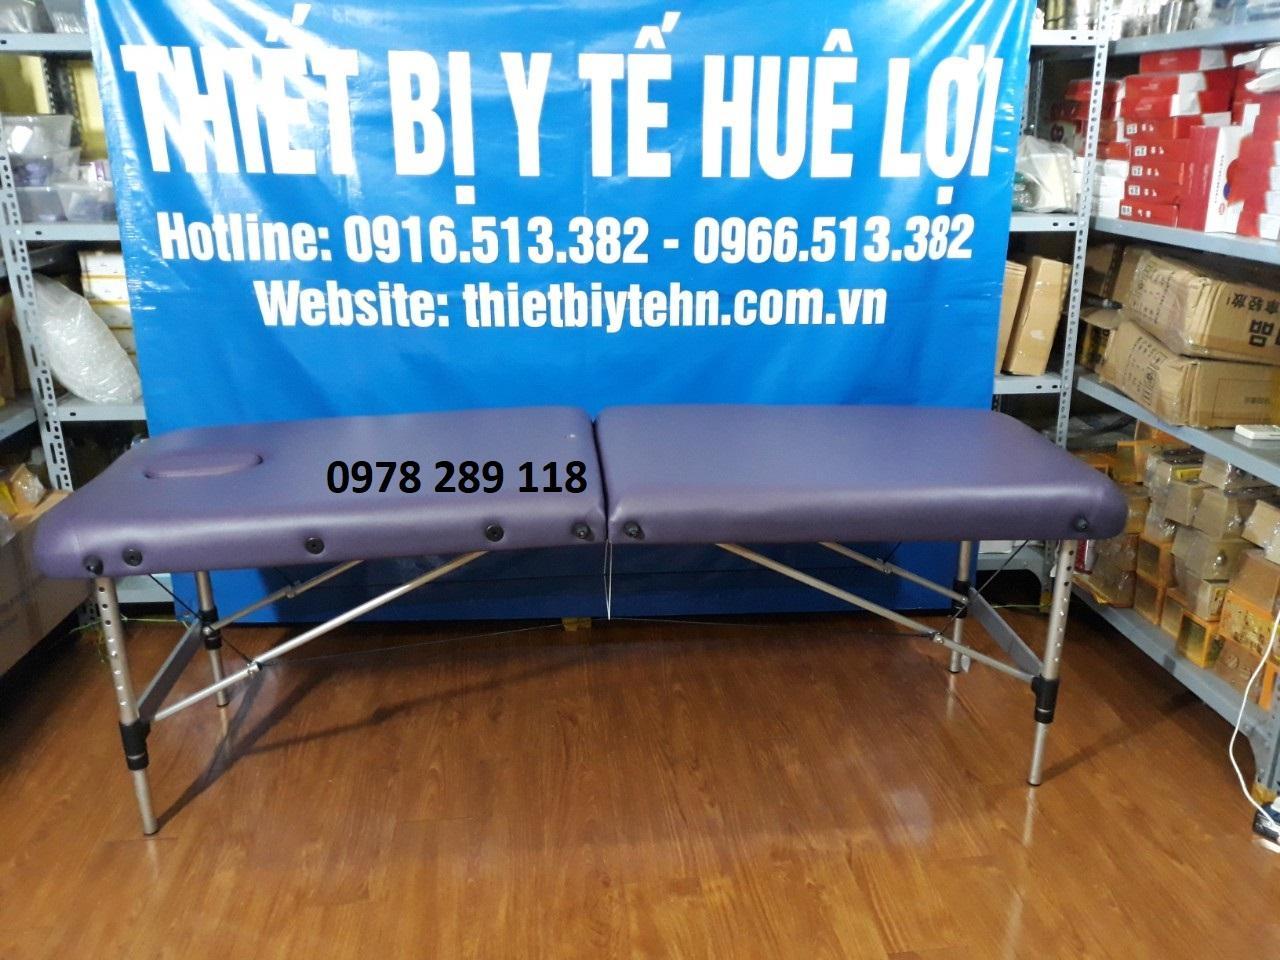 Giường vali di động (chân hợp kim nhôm) HL4 nhập khẩu